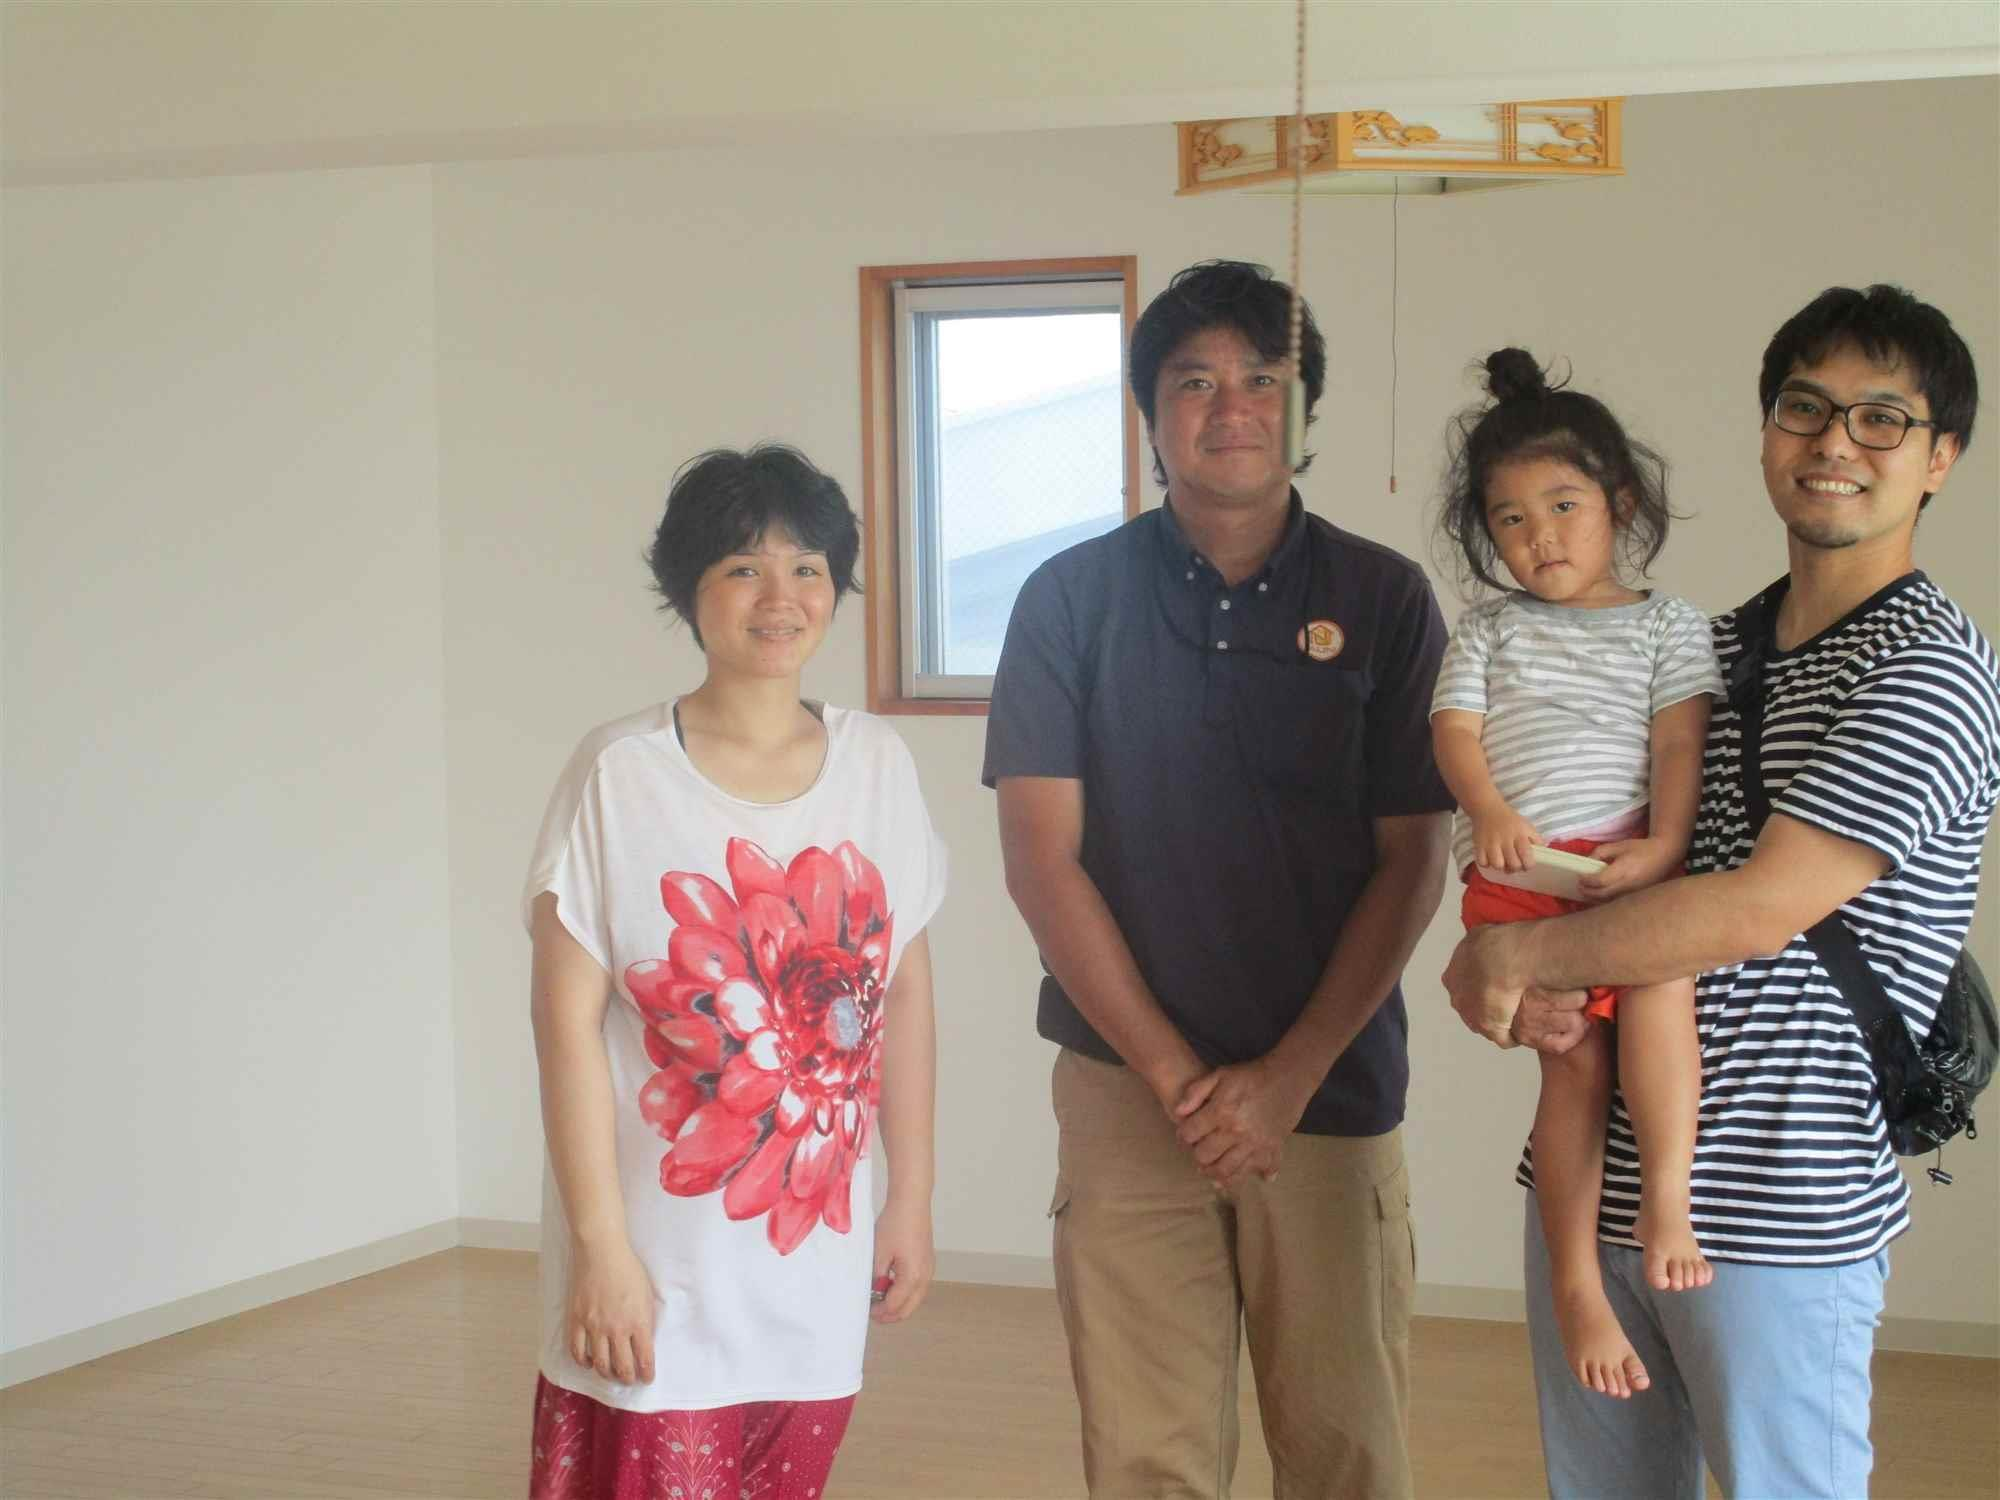 沖縄・那覇のリフォーム 実際のお客様の写真:対応が本当に好印象でした。